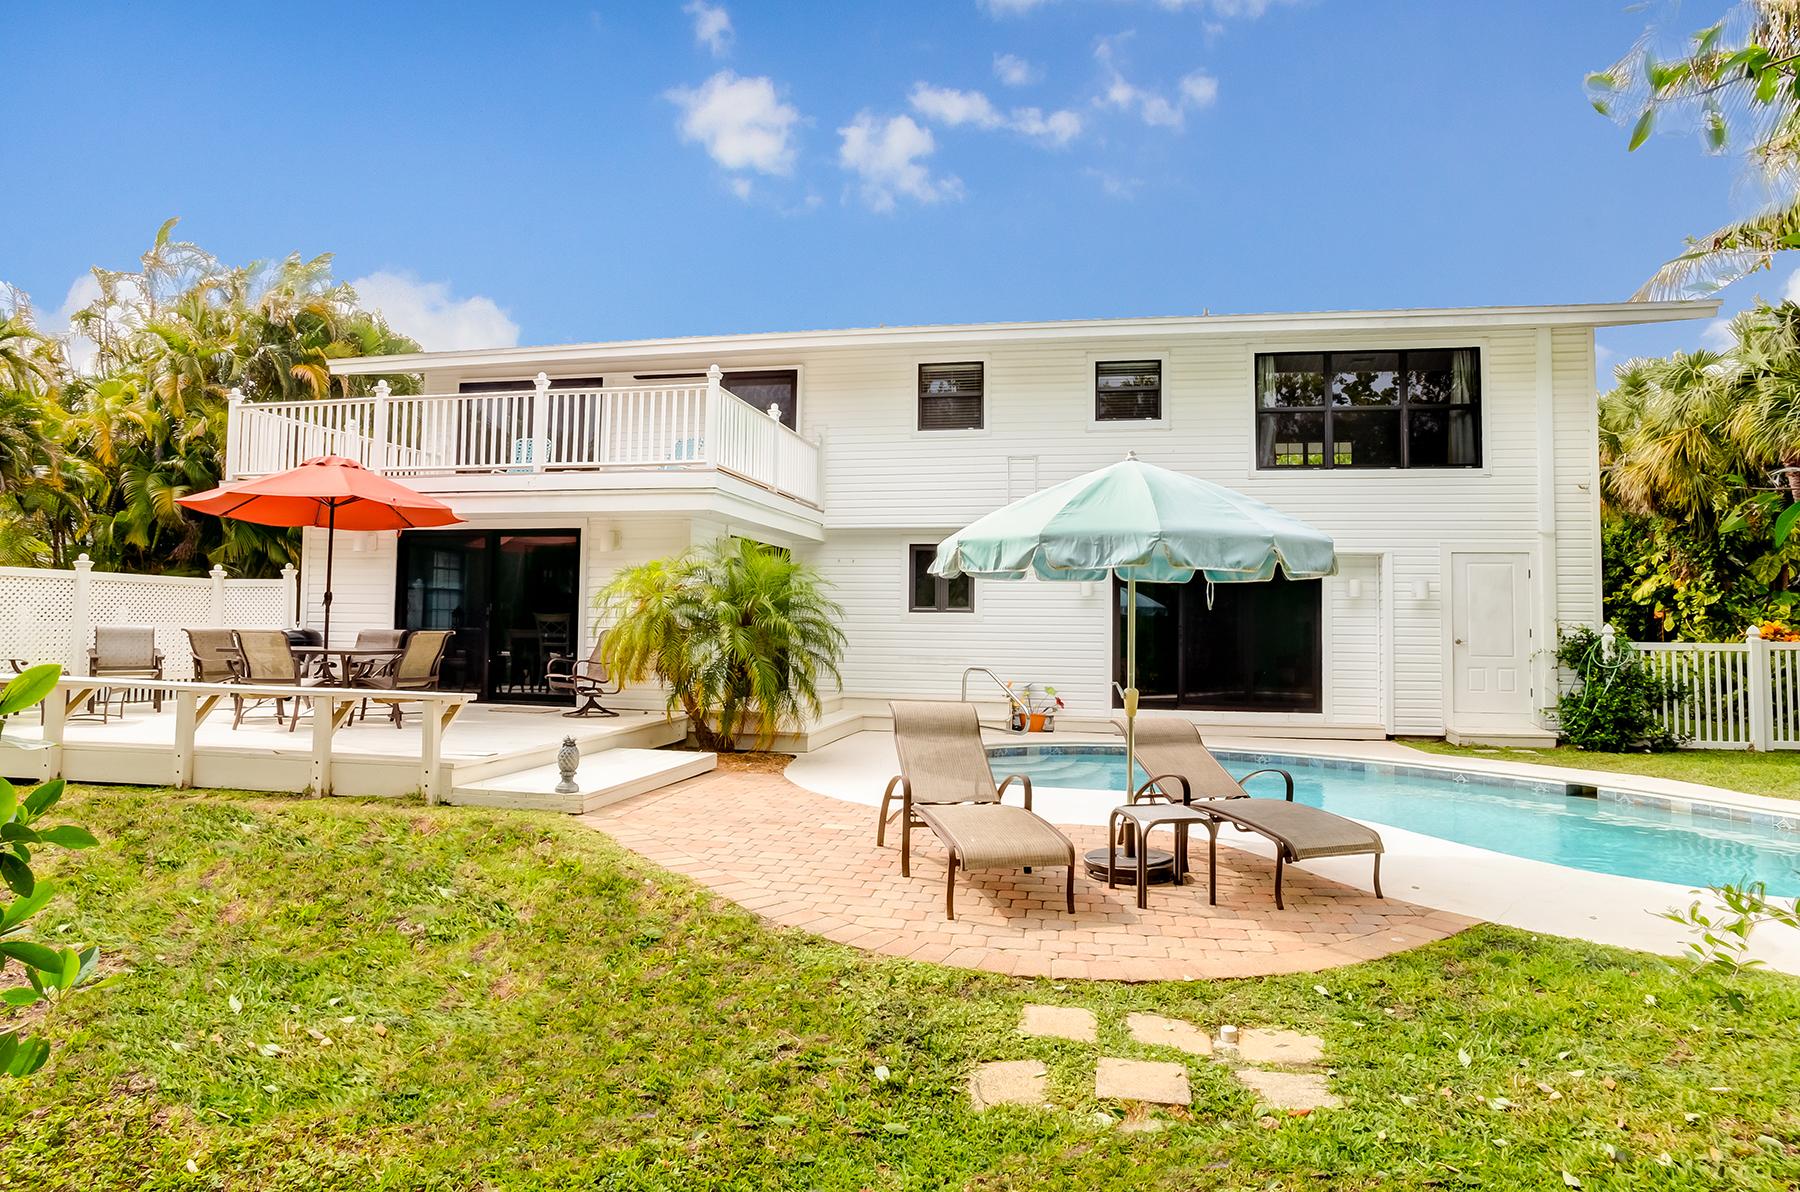 Maison unifamiliale pour l Vente à SANIBEL 931 S Yachtsman Dr, Sanibel, Florida 33957 États-Unis